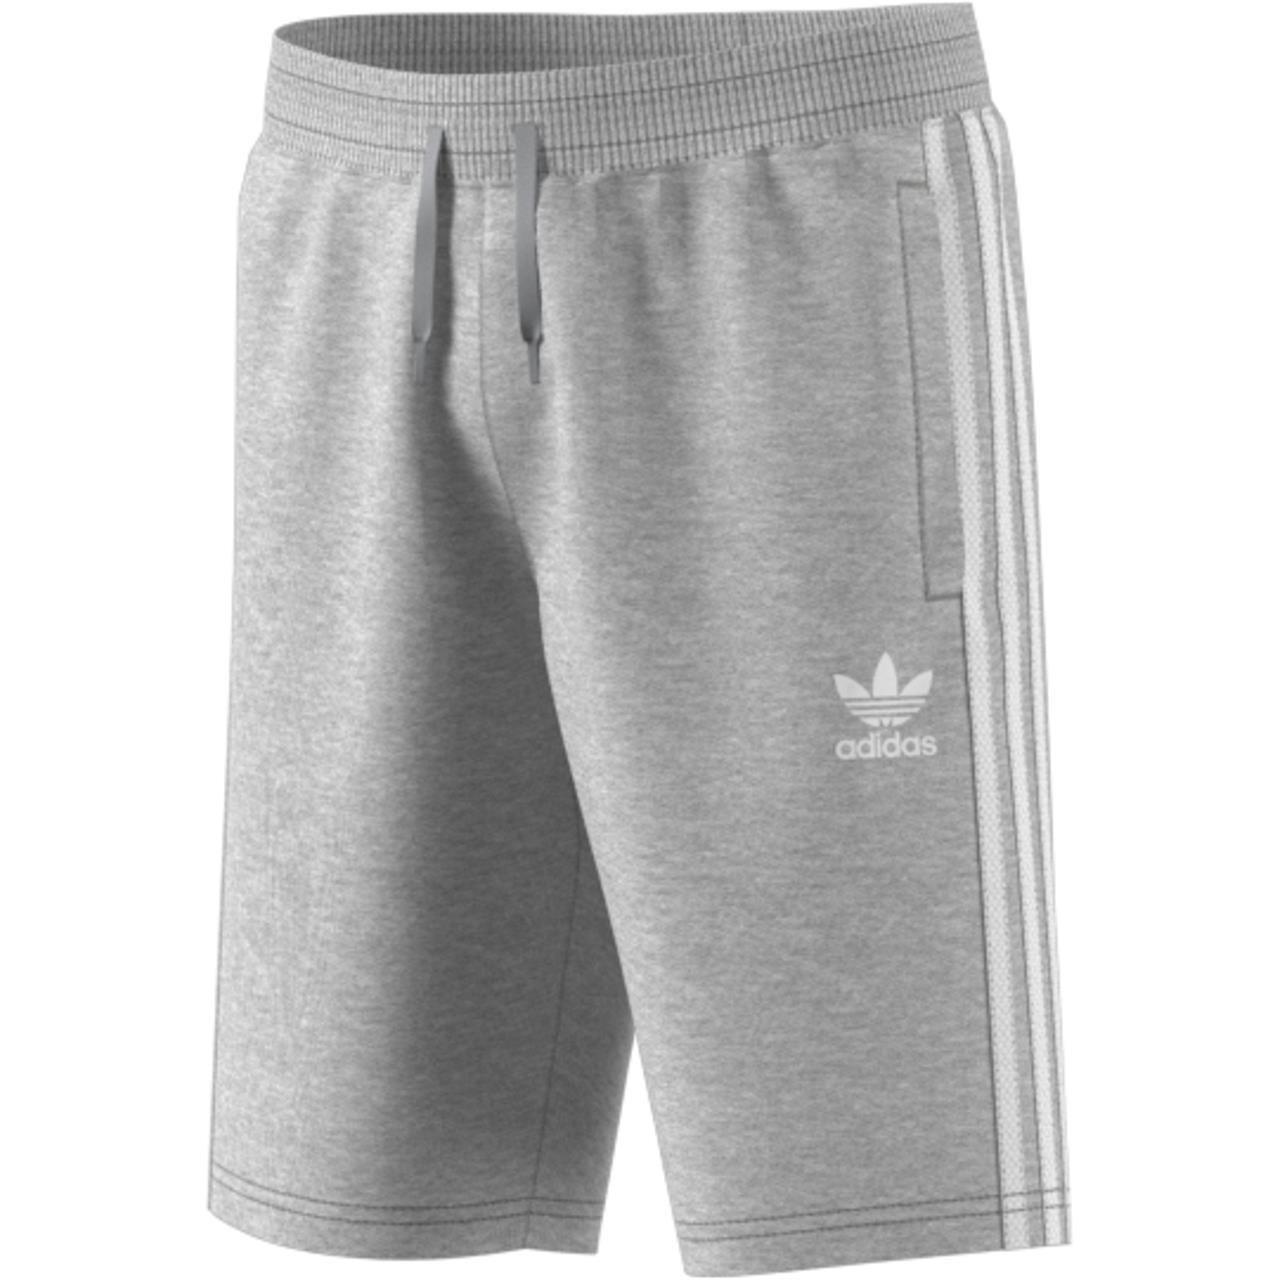 adidas Boys Fleece Shorts, Boys', DH2707 Boys'